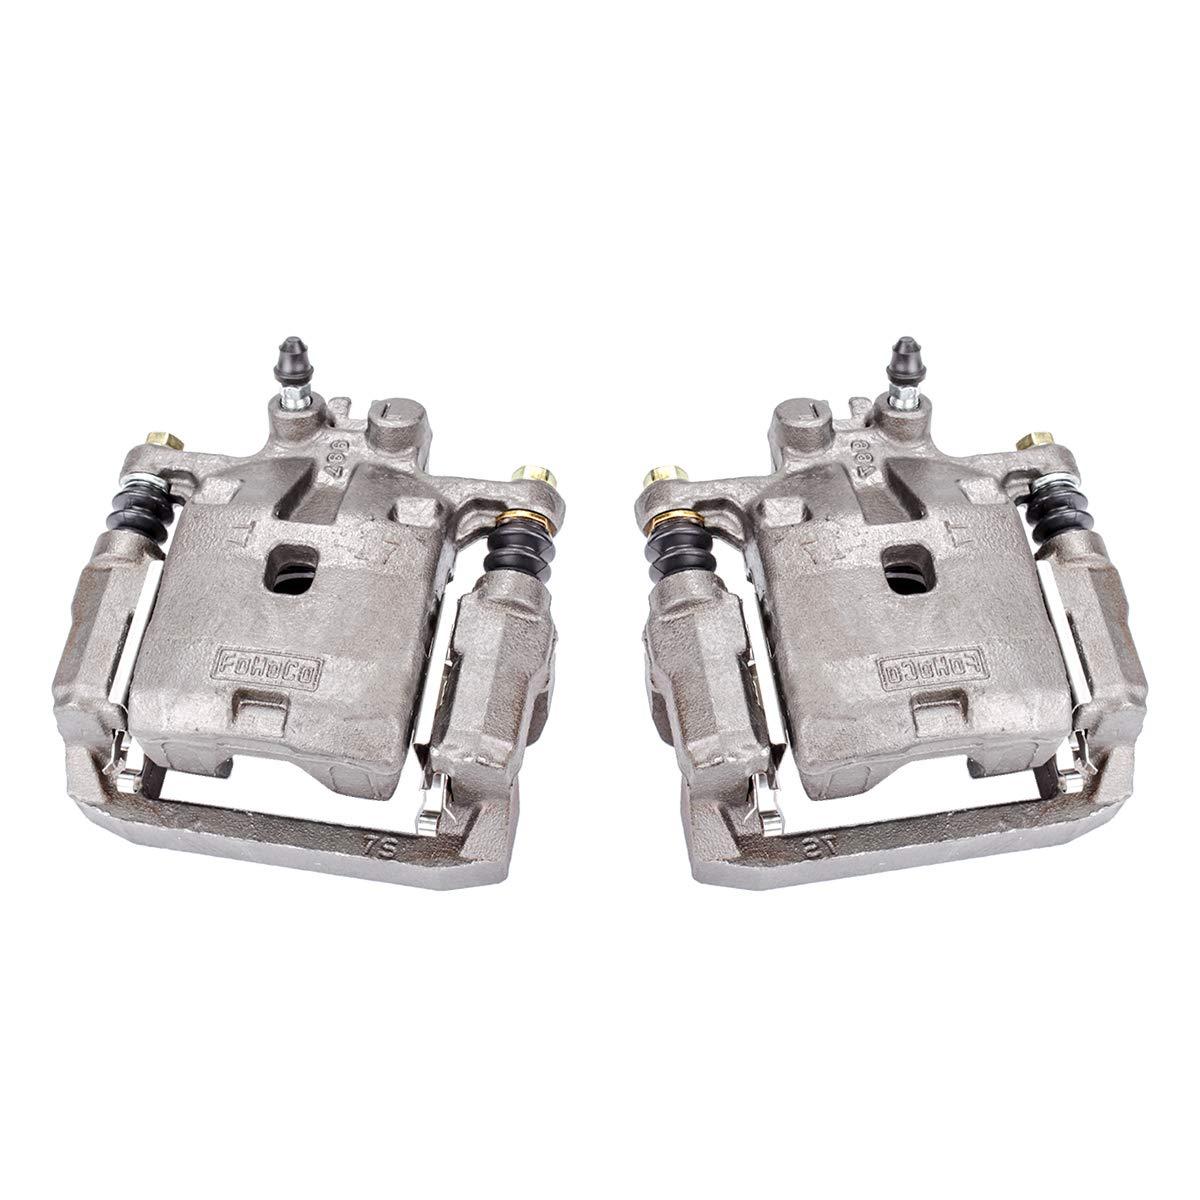 ROADFAR 1P1065 S619 Throttle Position Sensor TPS Sensor Compatible for 2005 2007 2009 Buick Allure 2010 2012 Buick Enclave 2006 2007 2010 2012 Buick LaCrosse